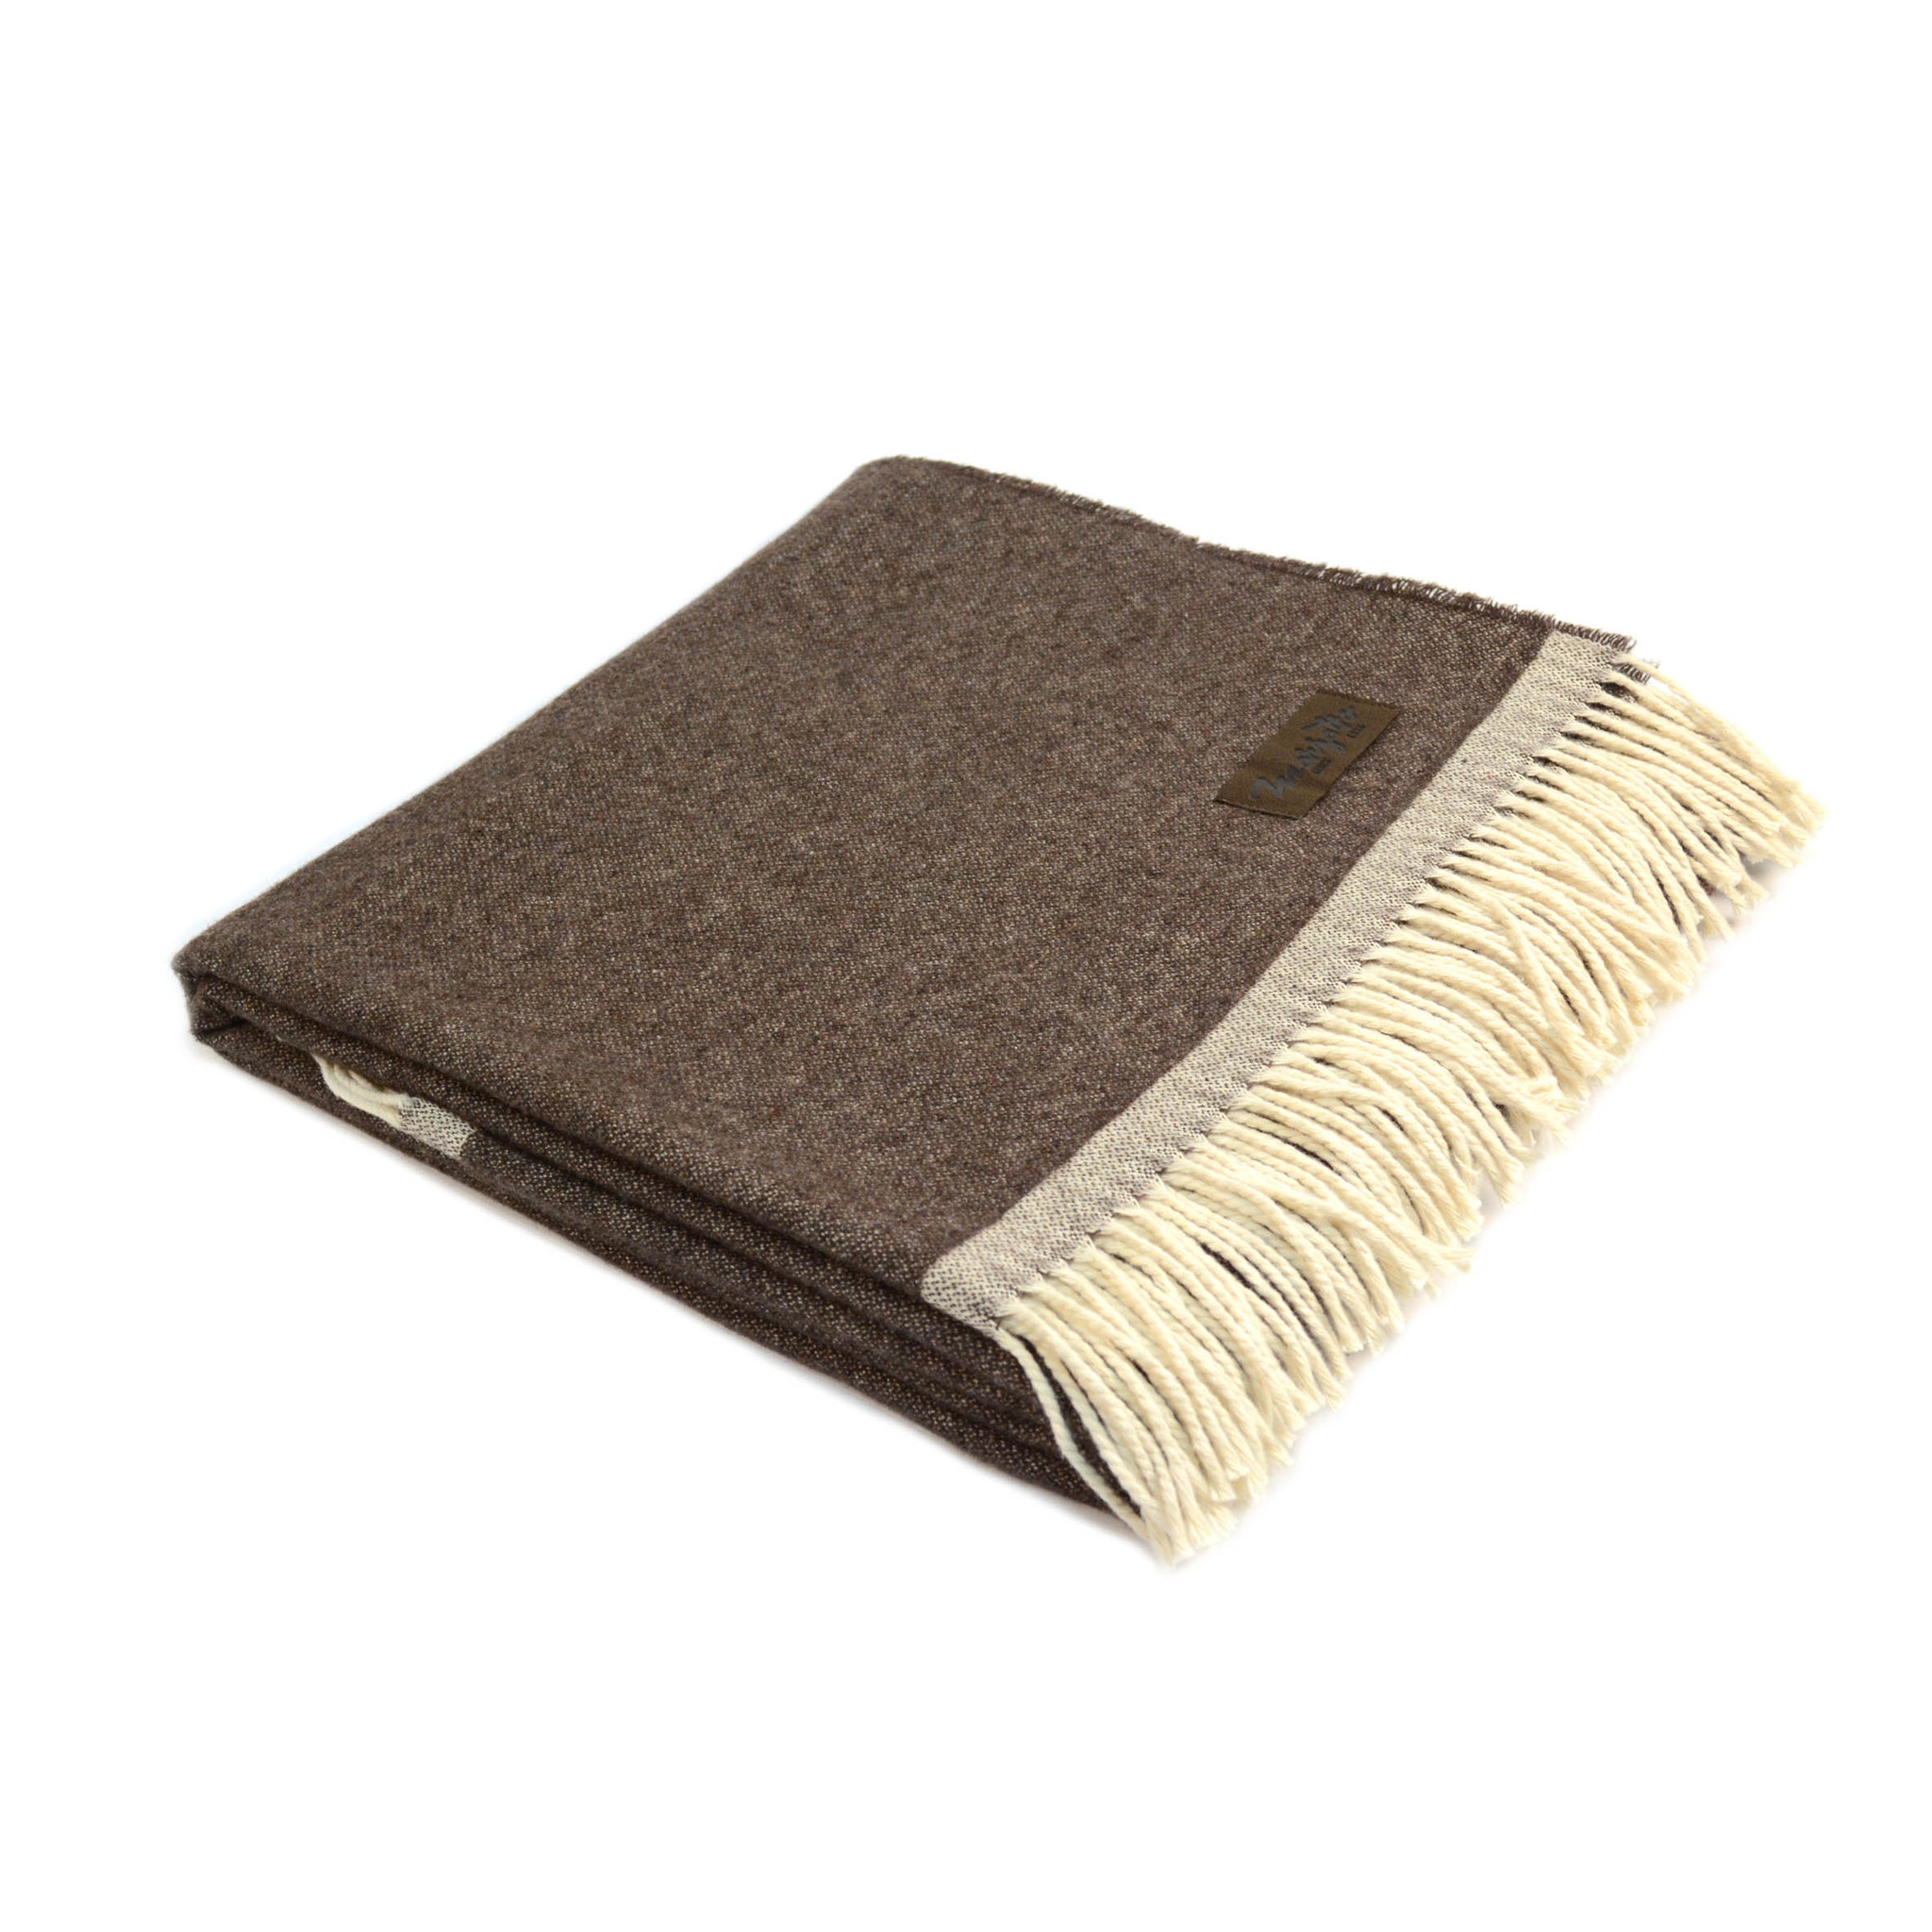 Плед MorfeoШерстяные пледы<br>Мягкий и стильный двусторонний плед, произведённый из материалов превосходного качества, несомненно, станет отличной покупкой для себя или в подарок.&amp;lt;div&amp;gt;&amp;lt;br&amp;gt;&amp;lt;/div&amp;gt;&amp;lt;div&amp;gt;Материал: шерсть, хлопок&amp;lt;br&amp;gt;&amp;lt;/div&amp;gt;<br><br>Material: Шерсть<br>Width см: 130<br>Depth см: 180<br>Height см: 0.3